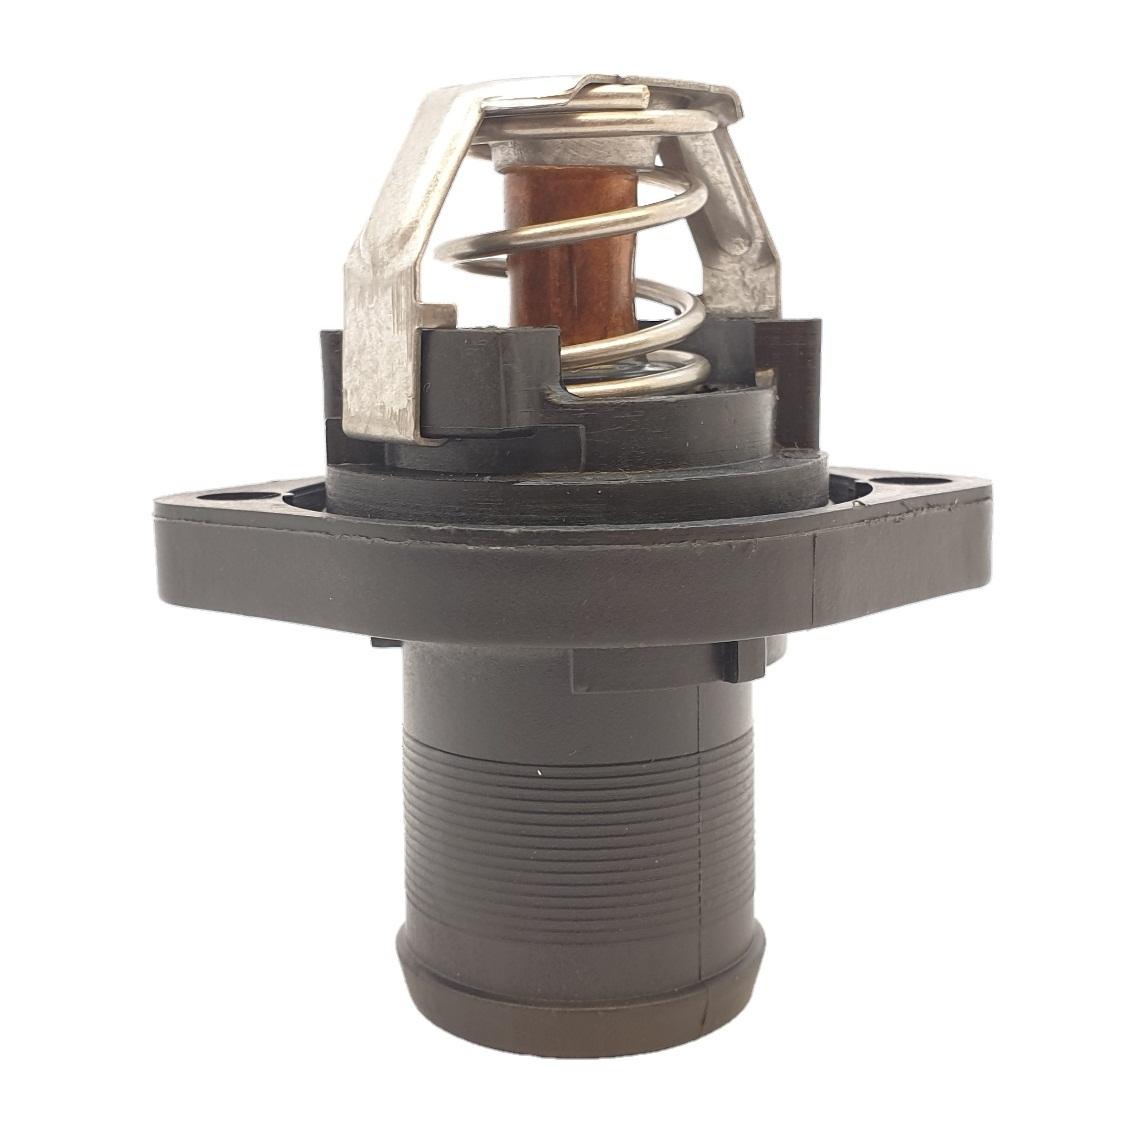 ترموستات اسبیکا مدل 600798-83 مناسب برای پژو 206